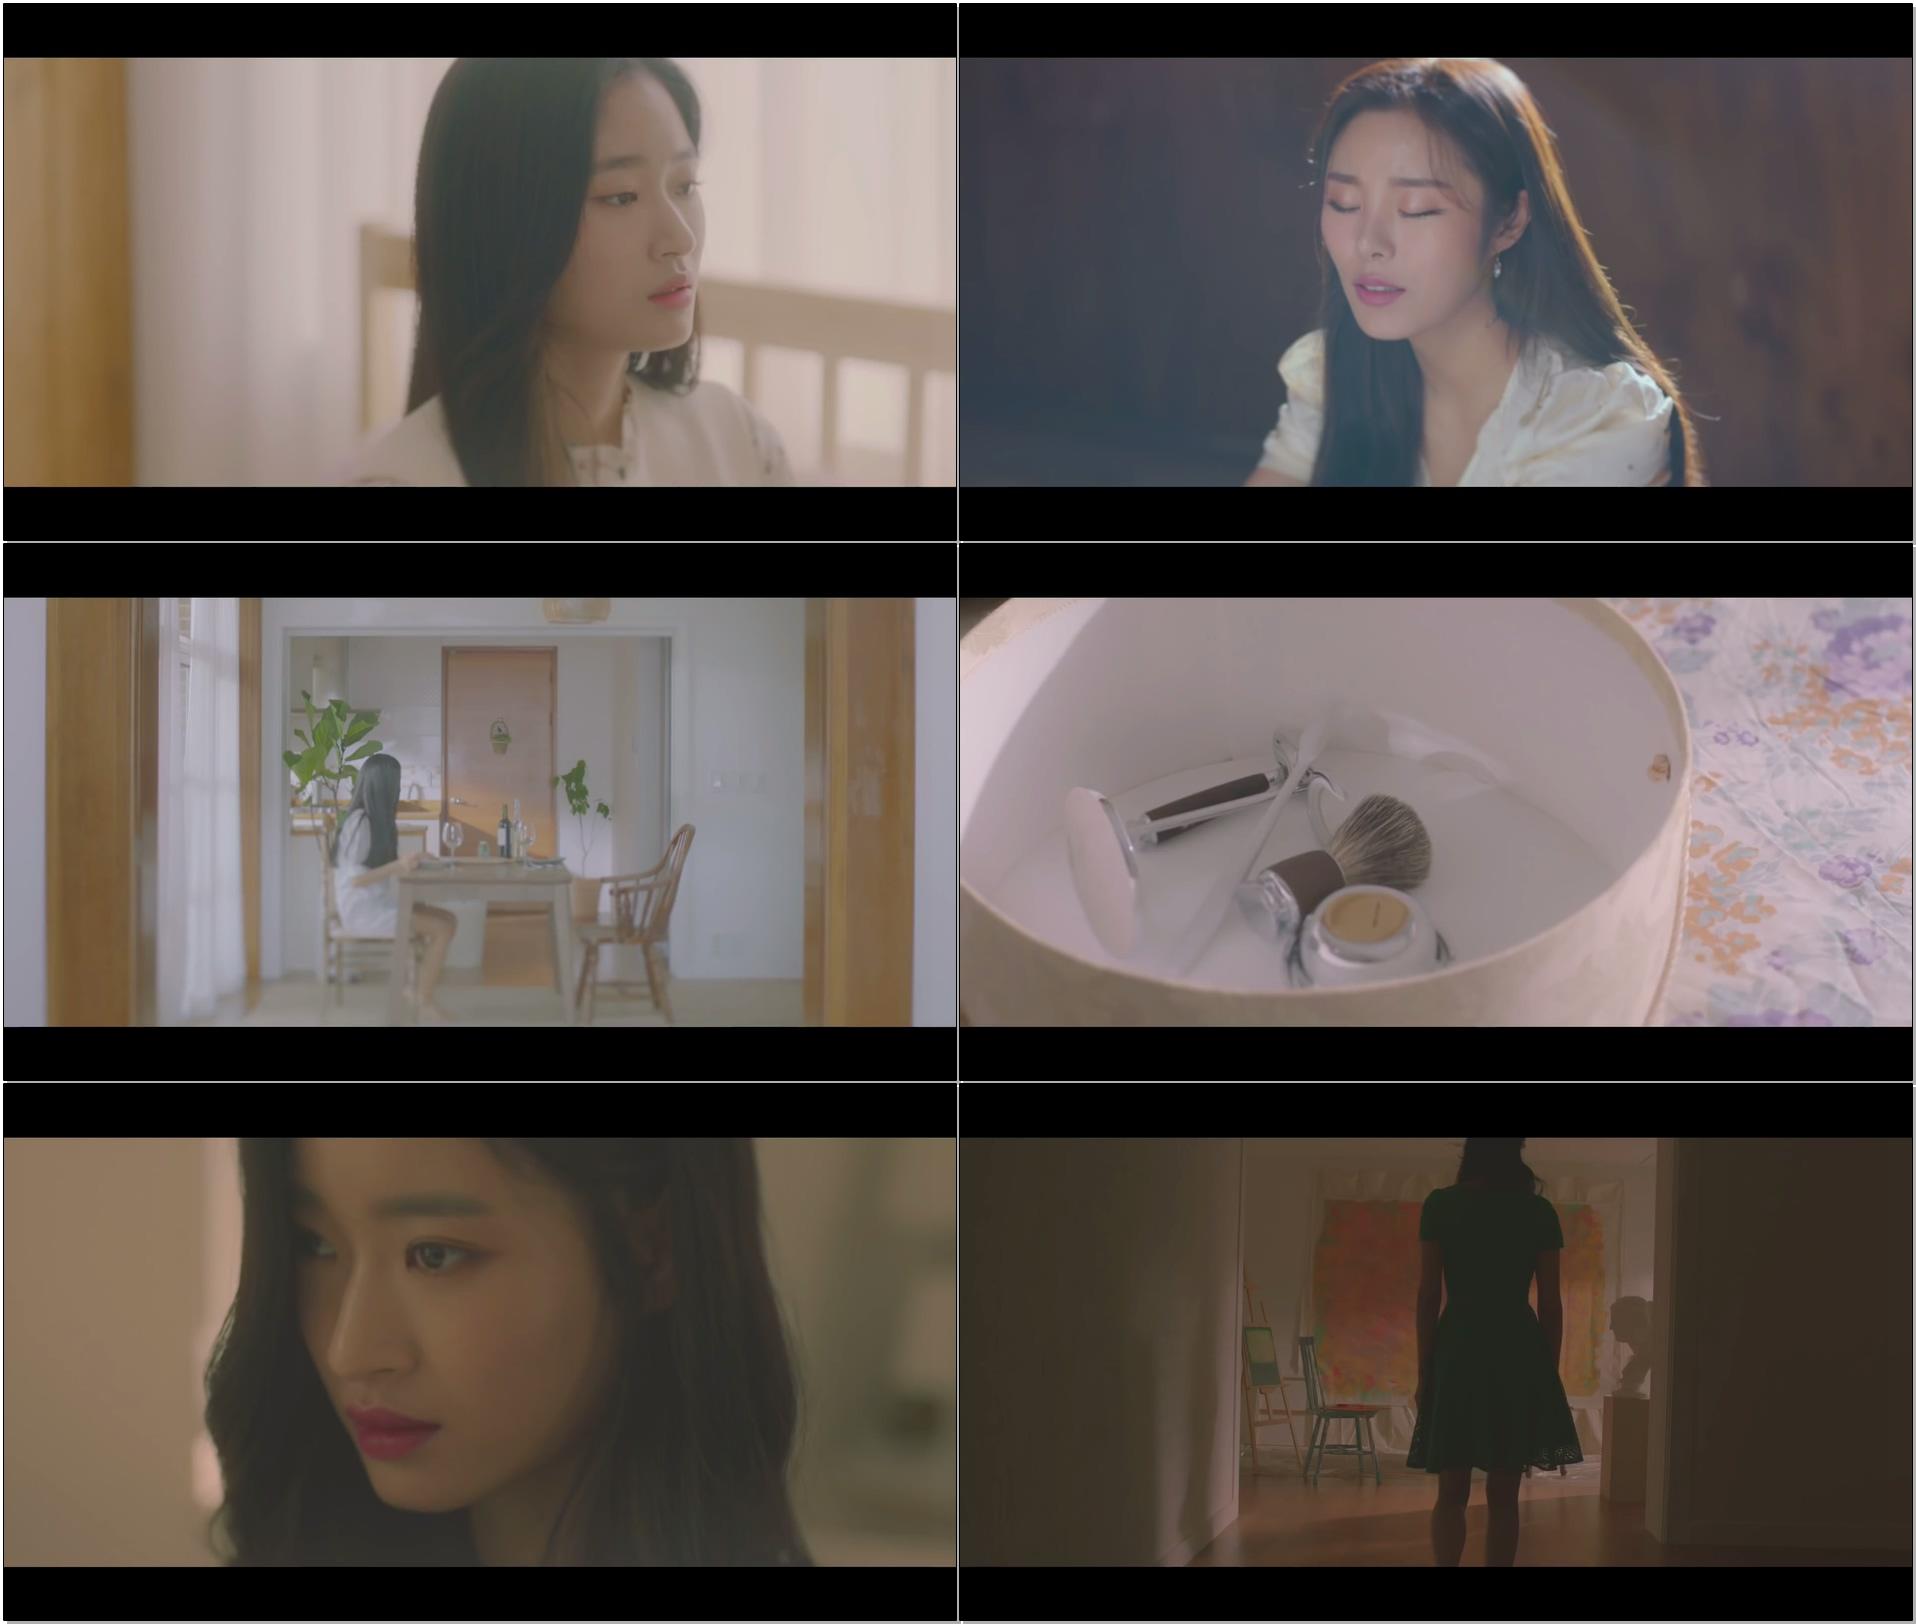 Good bye (Prod. Jung Key)